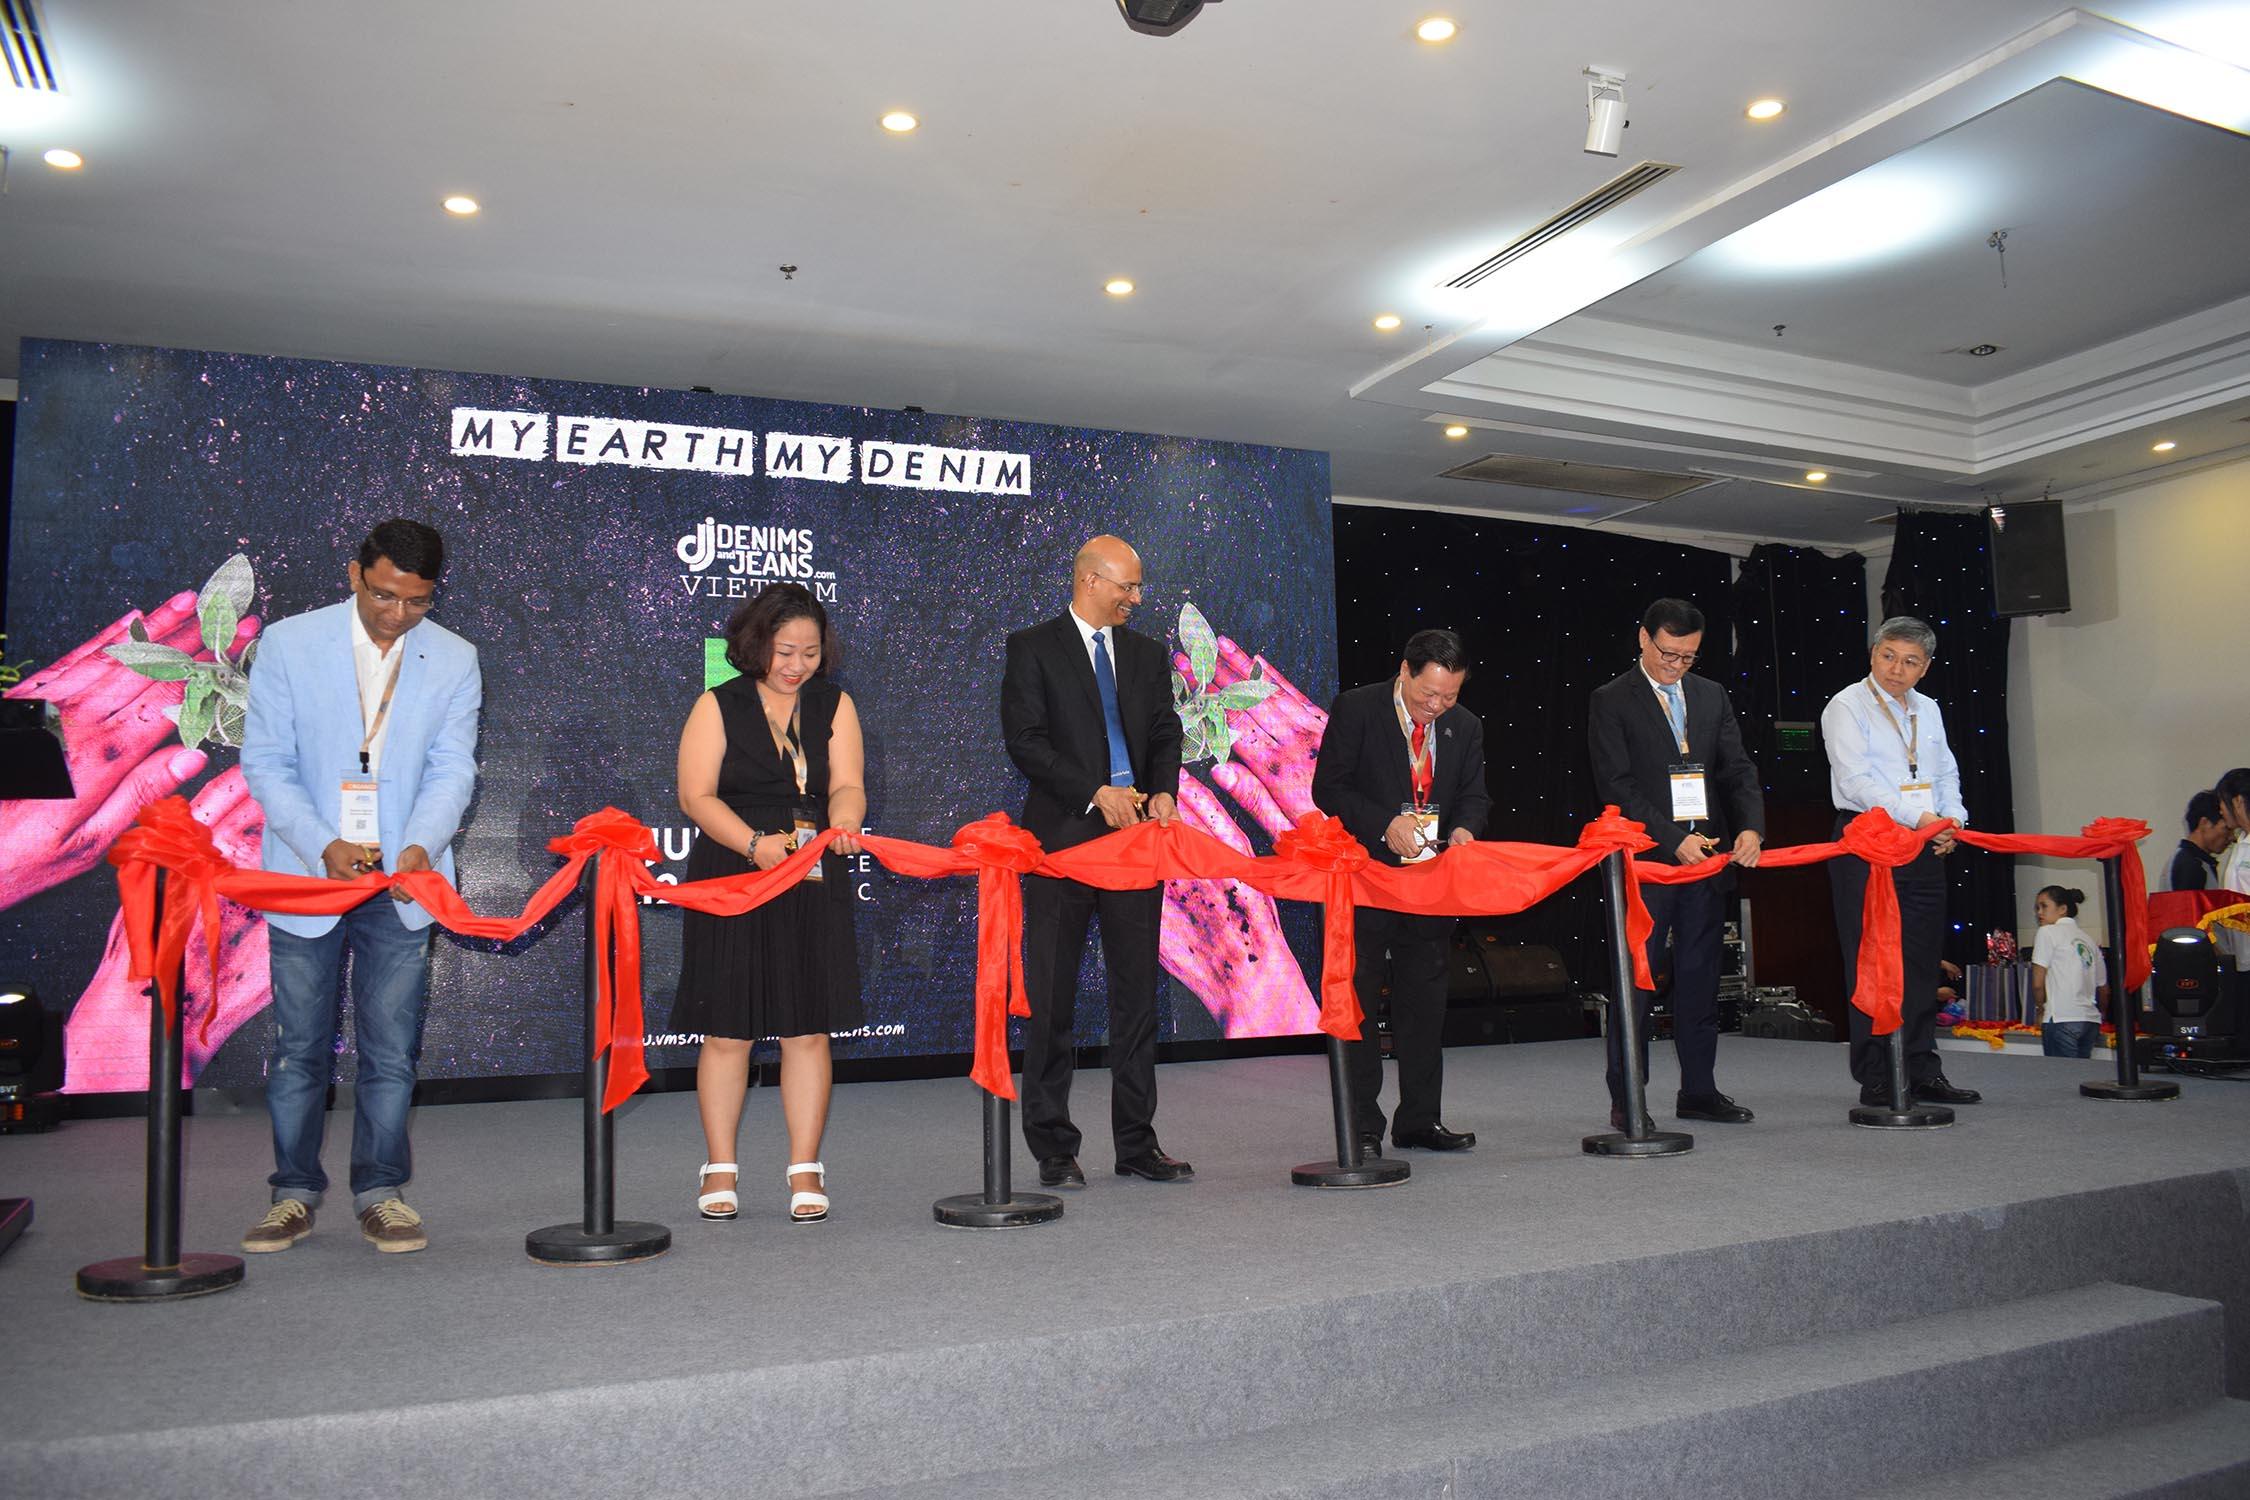 Triển lãm Quốc tế Denimsandjeans lần thứ 4 tại TP. HCM - hướng đến phát triển bền vững